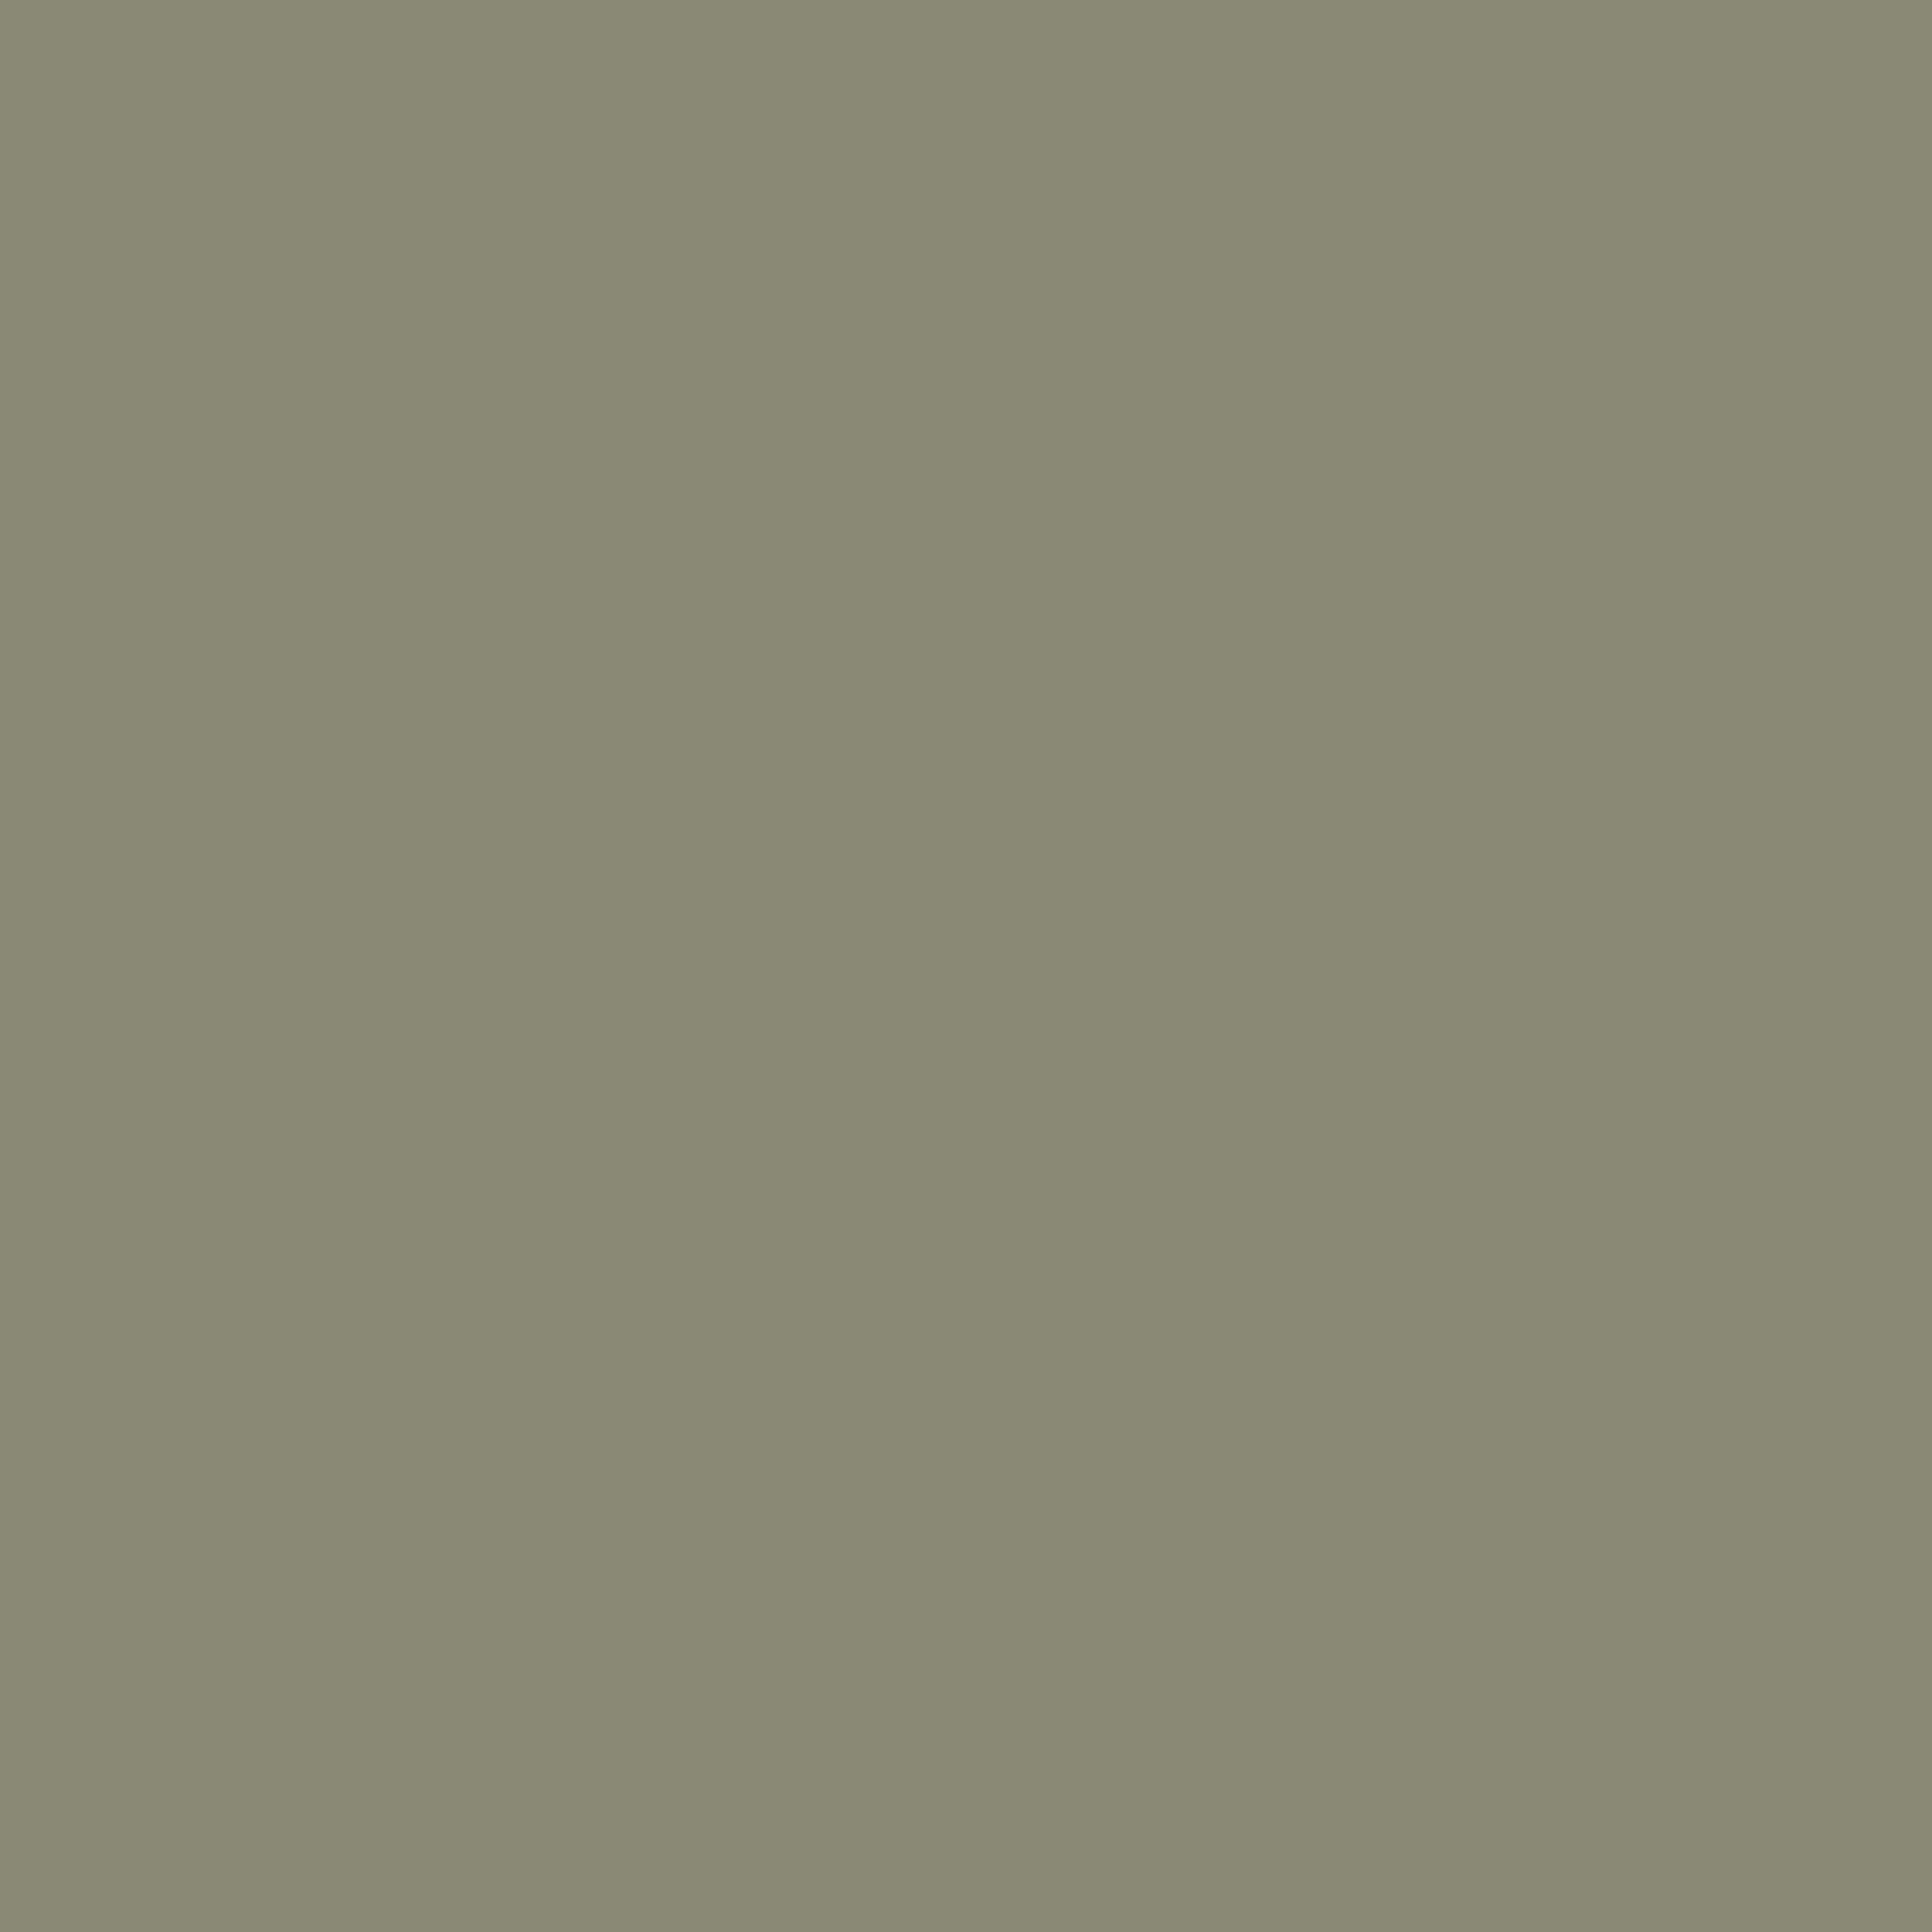 Pin Van Buddy Van Der Heijden Op Tienerkamer In 2020 Blauwe Verf Kleuren Groene Verfkleuren Muurverf